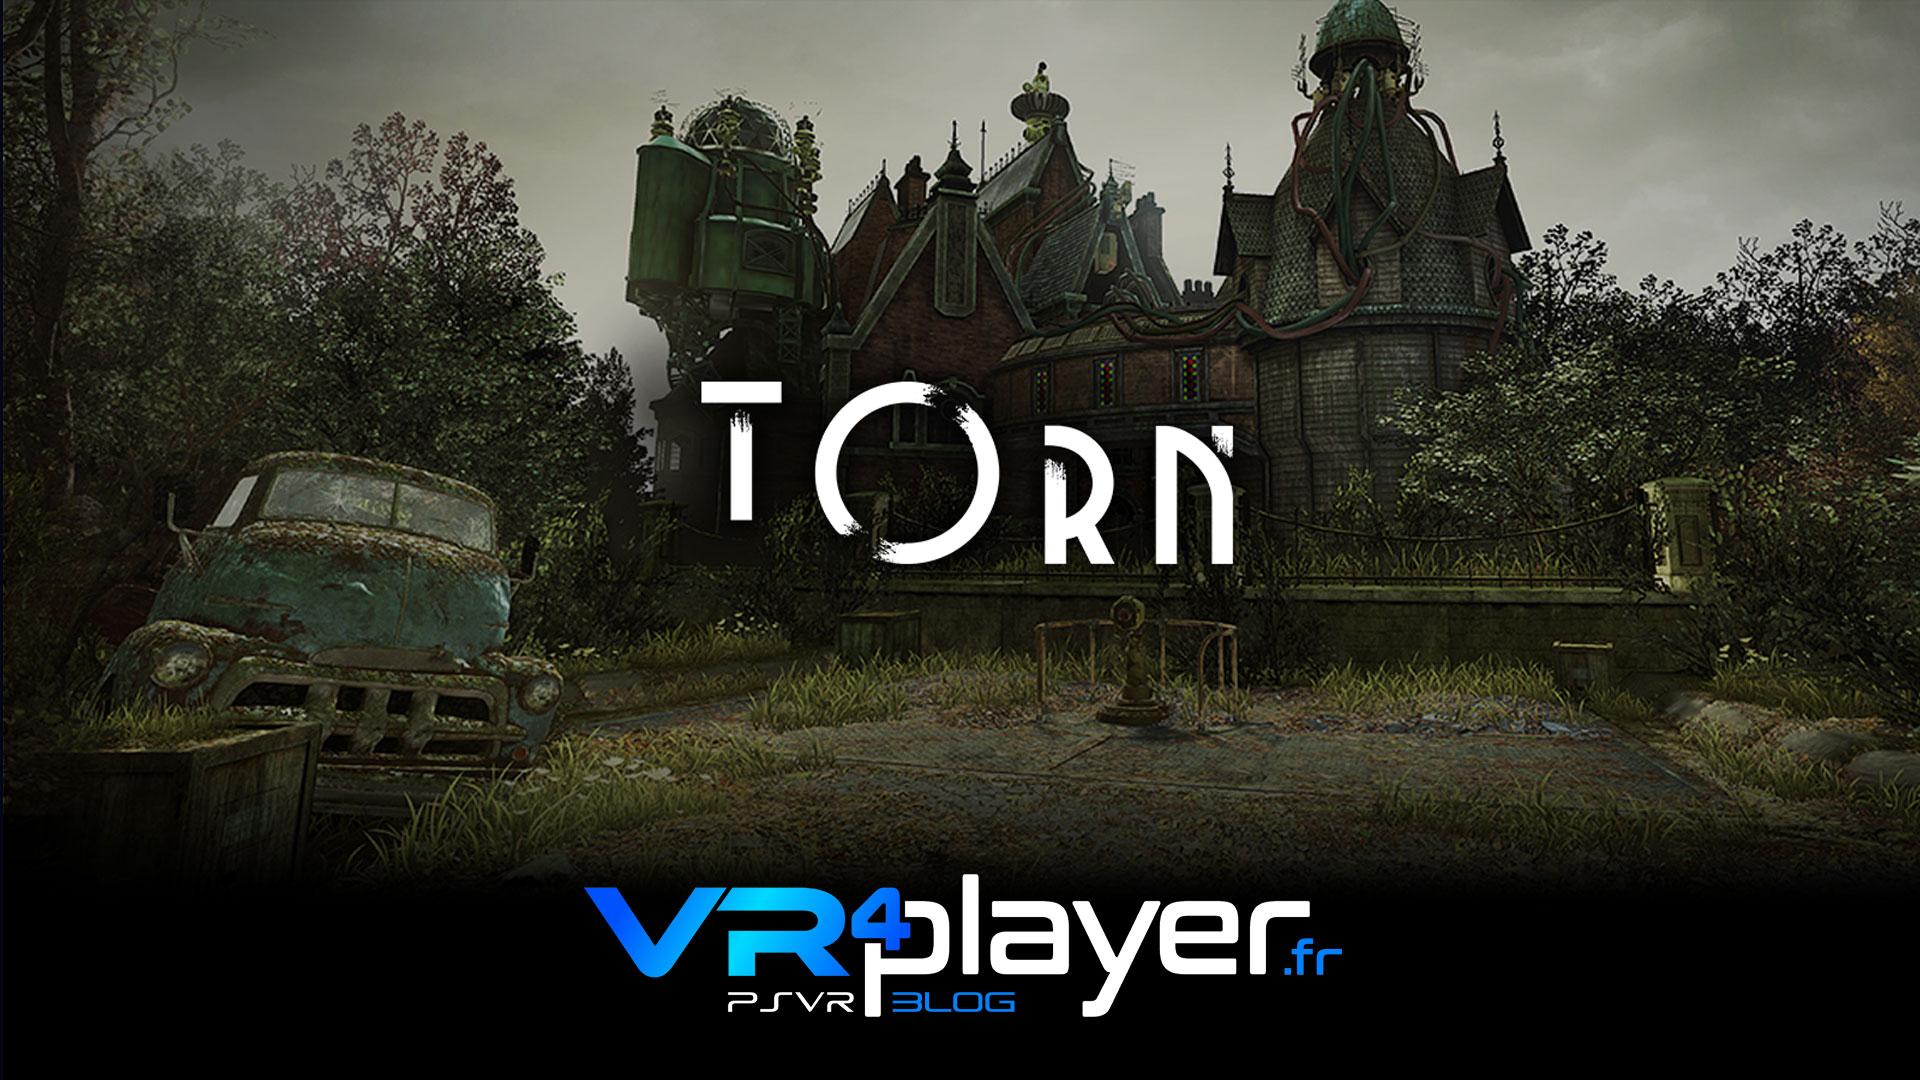 Torn sur PlayStation VR vr4player.fr